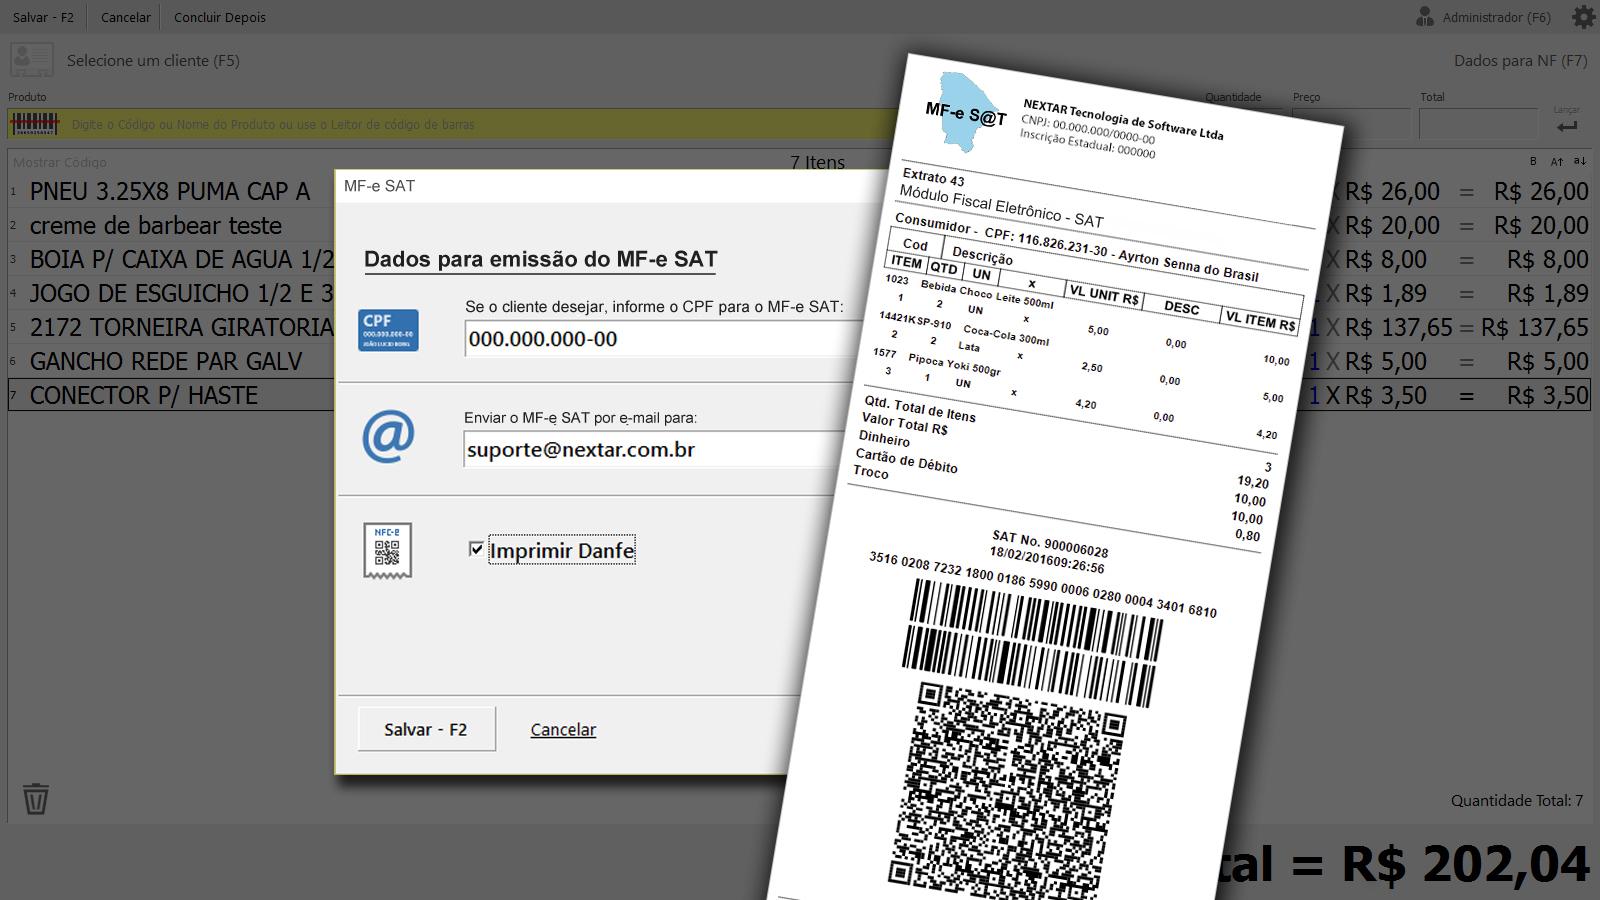 Clique para ver o modelo de DANFE SAT NFC-e do Programa NEX